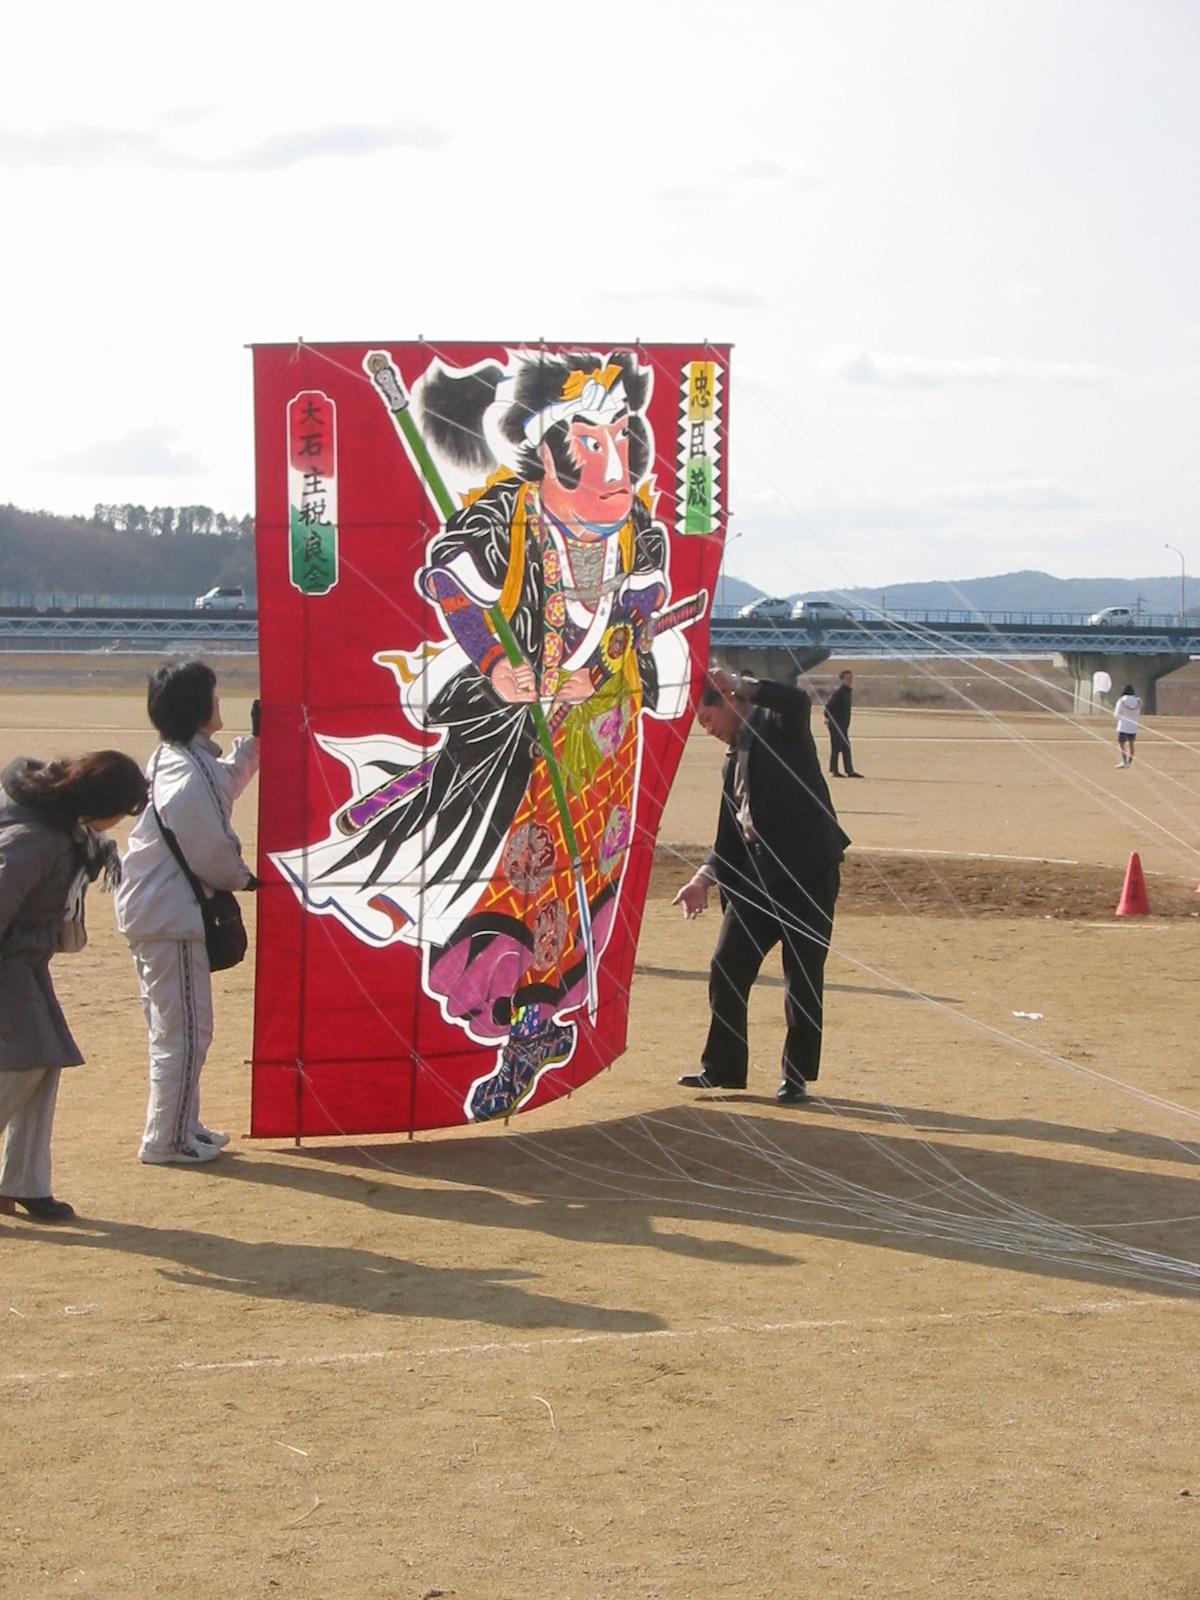 Dieses Bild basiert auf dem Bild Takoagetaikai93 aus der freien Mediendatenbank Wikimedia Commons und steht unter der GNU-Lizenz für freie Dokumentation. Der Urheber des Bildes ist Jnn. URL http://commons.wikimedia.org/wiki/File:Takoagetaikai93.JPG